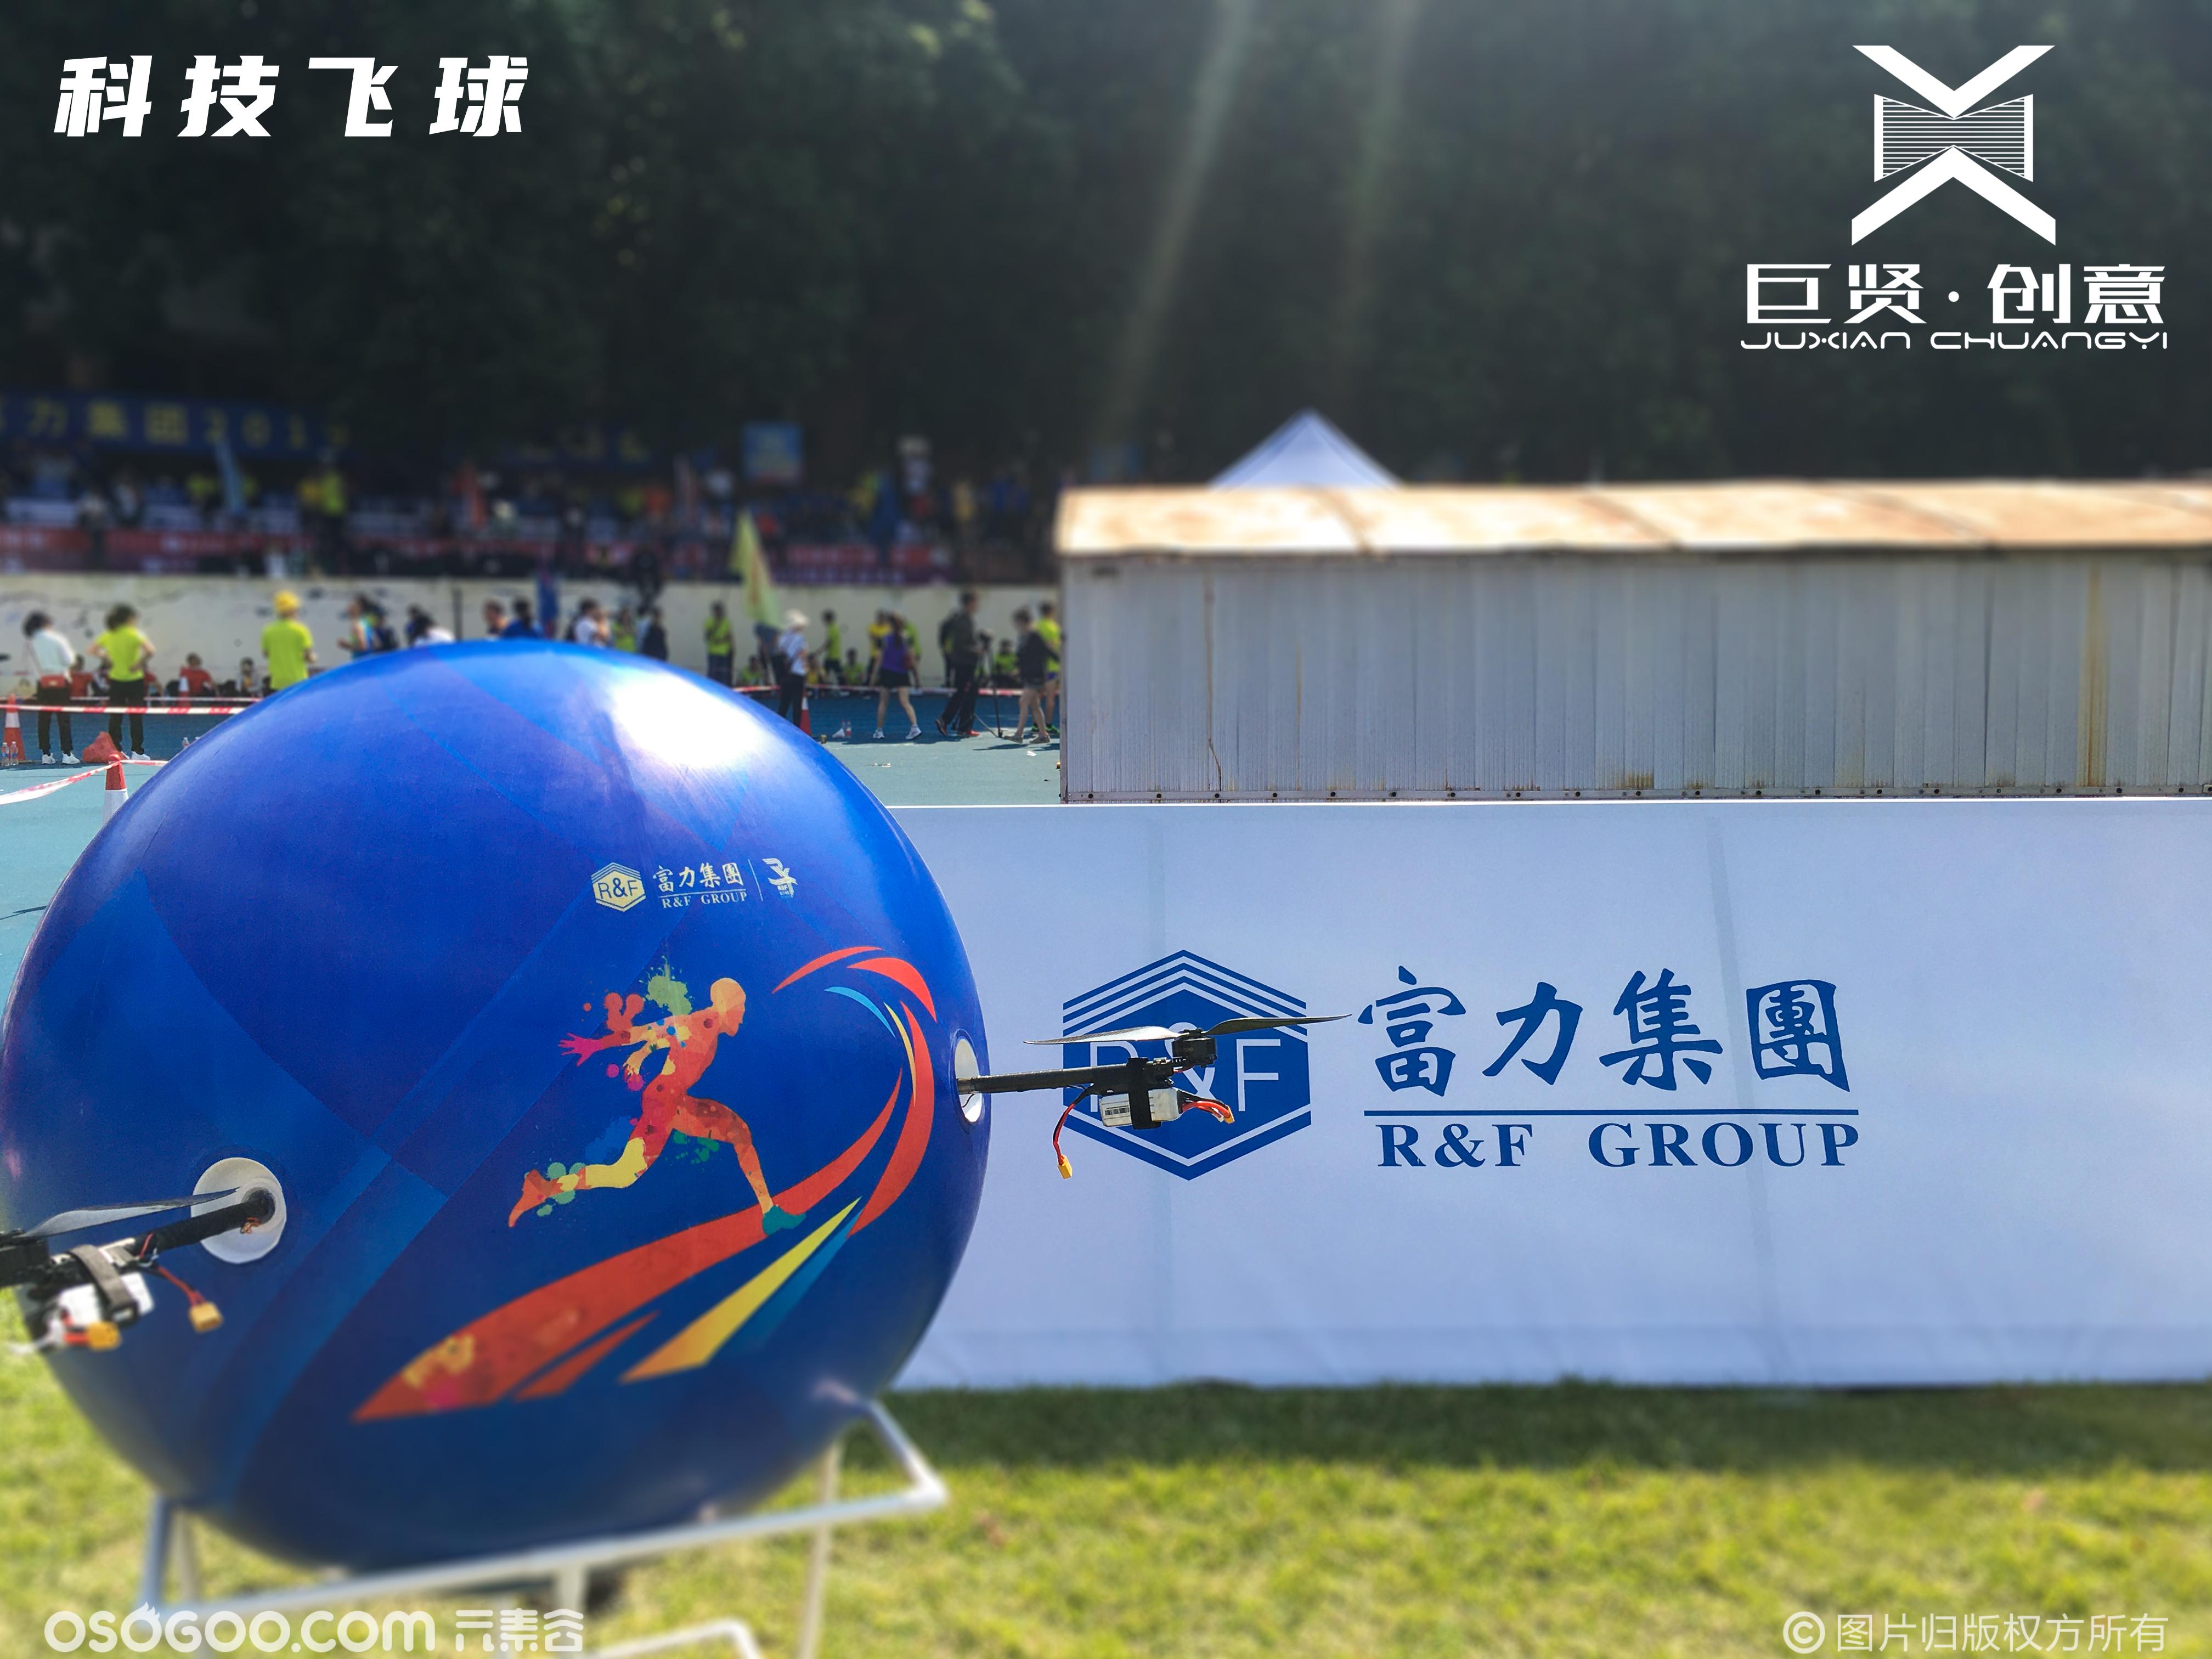 科技感启动仪式 无人机飞球